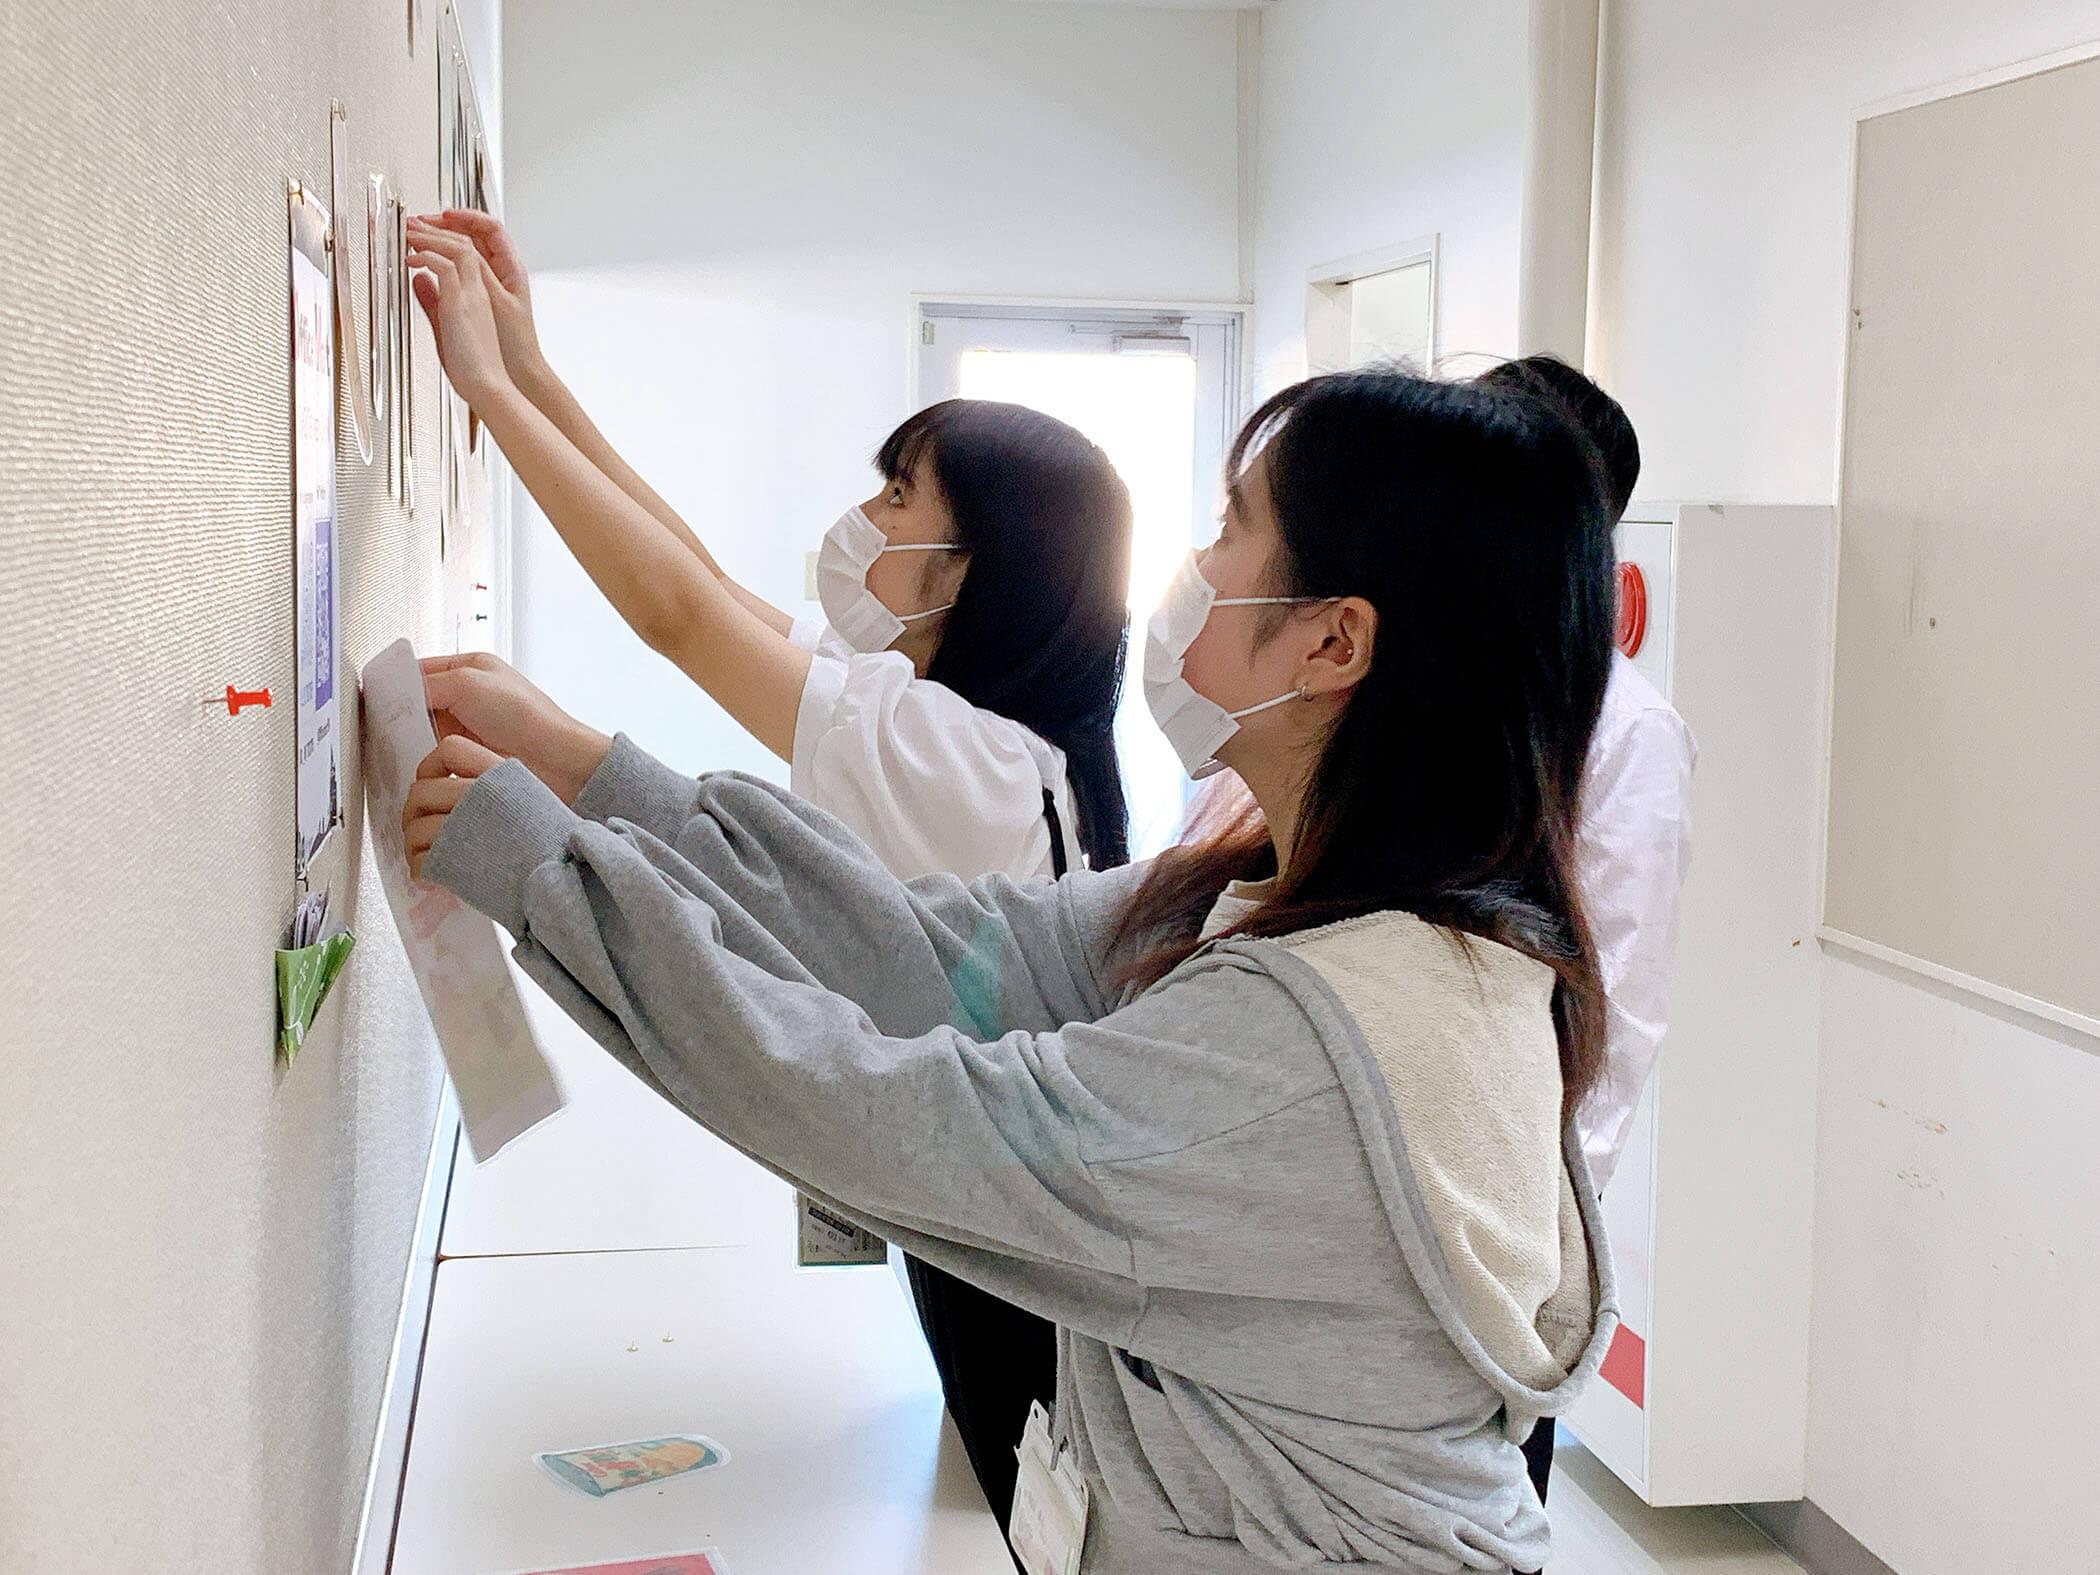 10月23日(土)高校1・2年生も参加して欲しい!オープンキャンパス開催★ 1